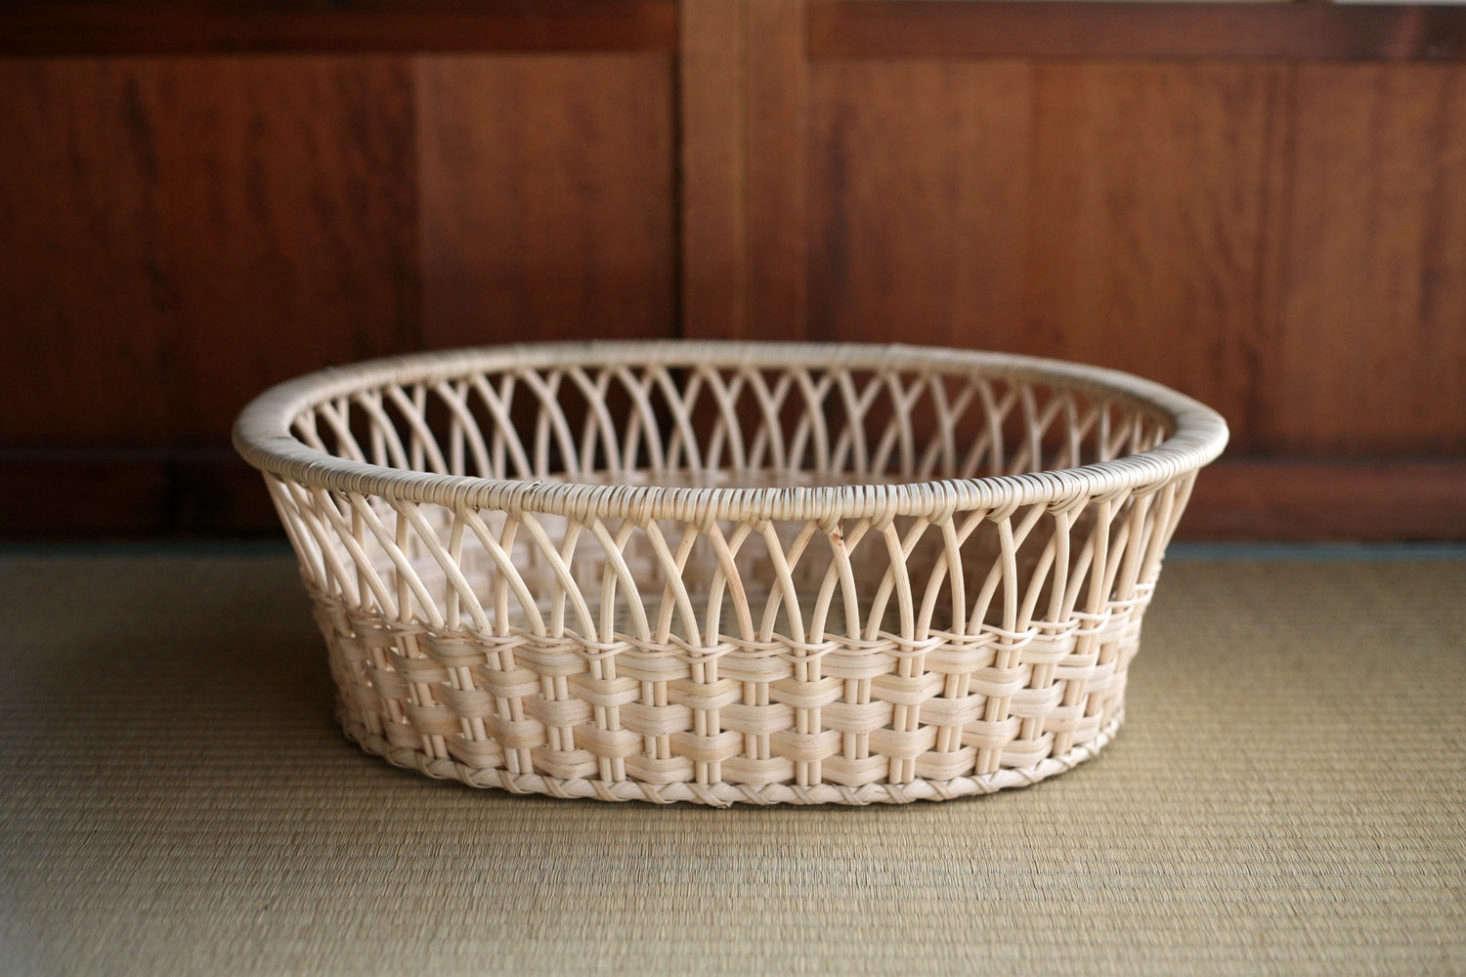 The Tsuruya Shoten Rattan Clothes Basket Ellipse is ¥src=